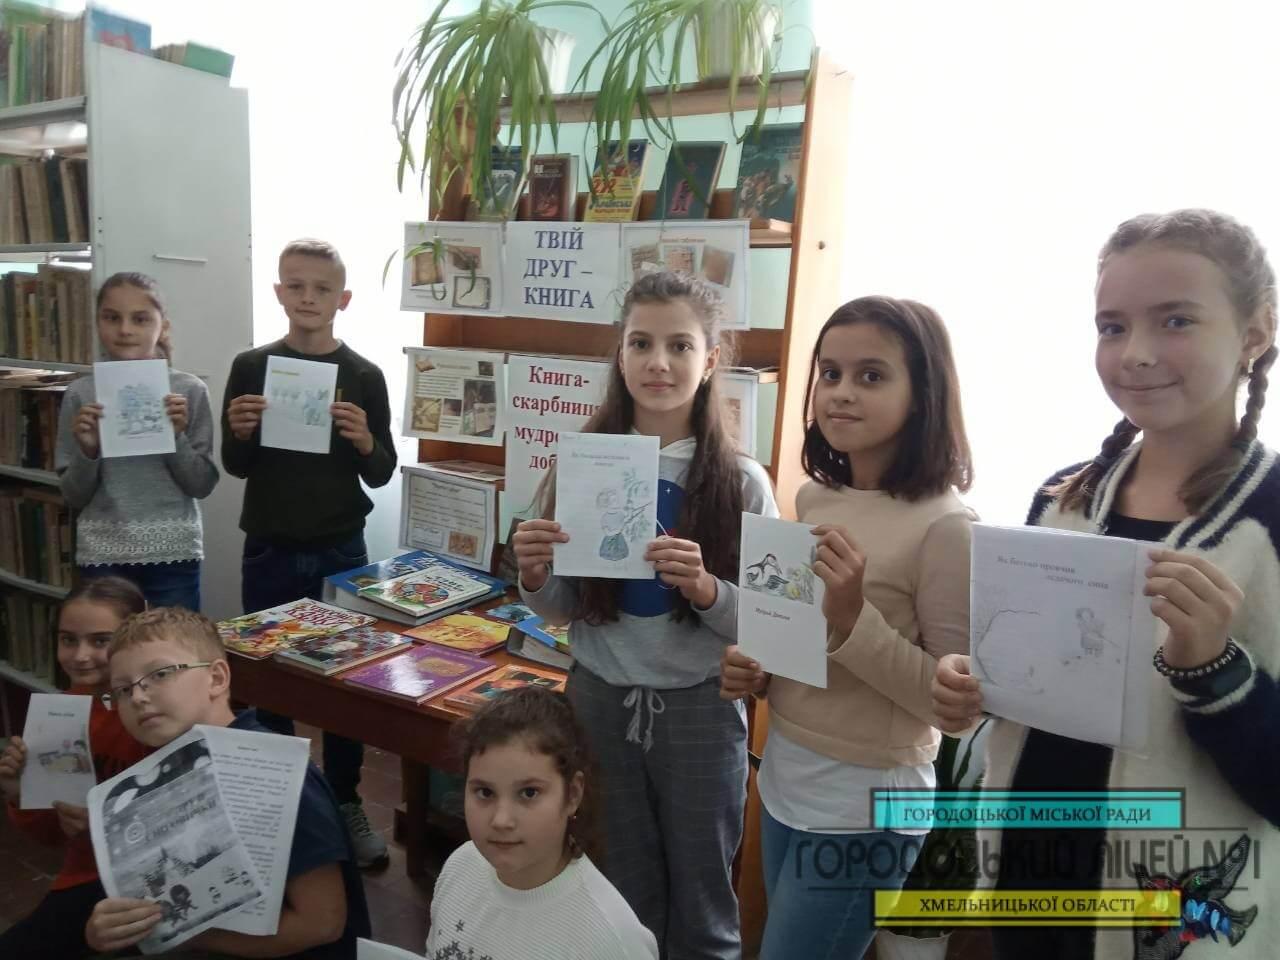 zobrazhennya viber 2019 10 02 19 59 141 - Всеукраїнський день бібліотек